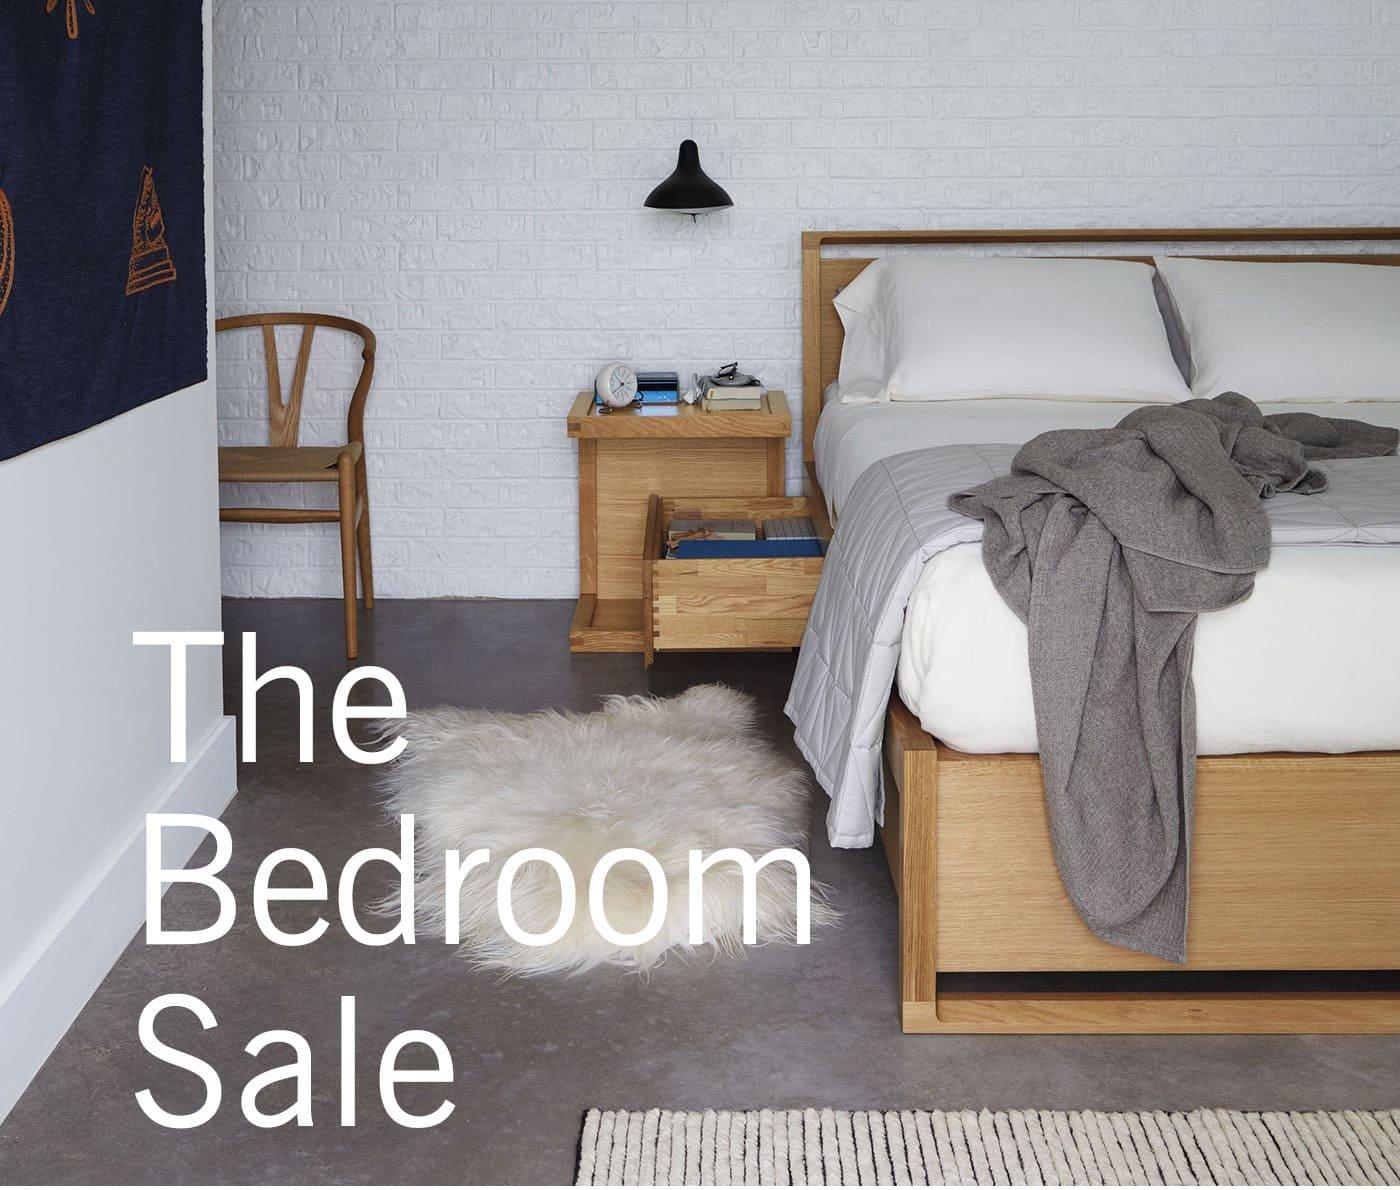 The Bedroom Sale